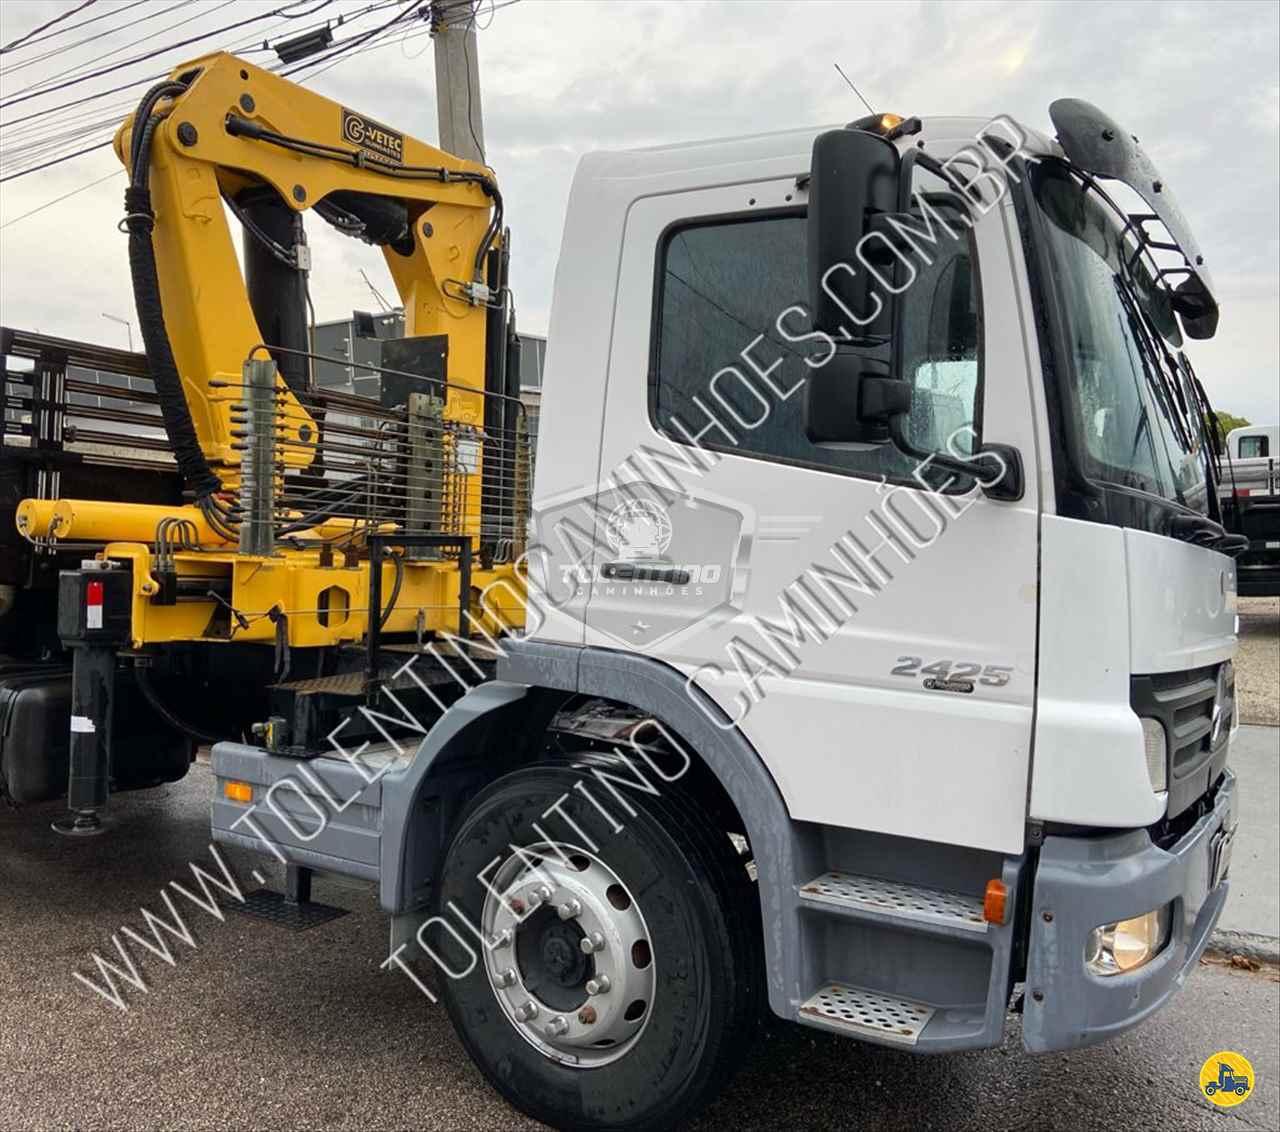 MB 2425 de Tolentino Caminhões - ITU/SP